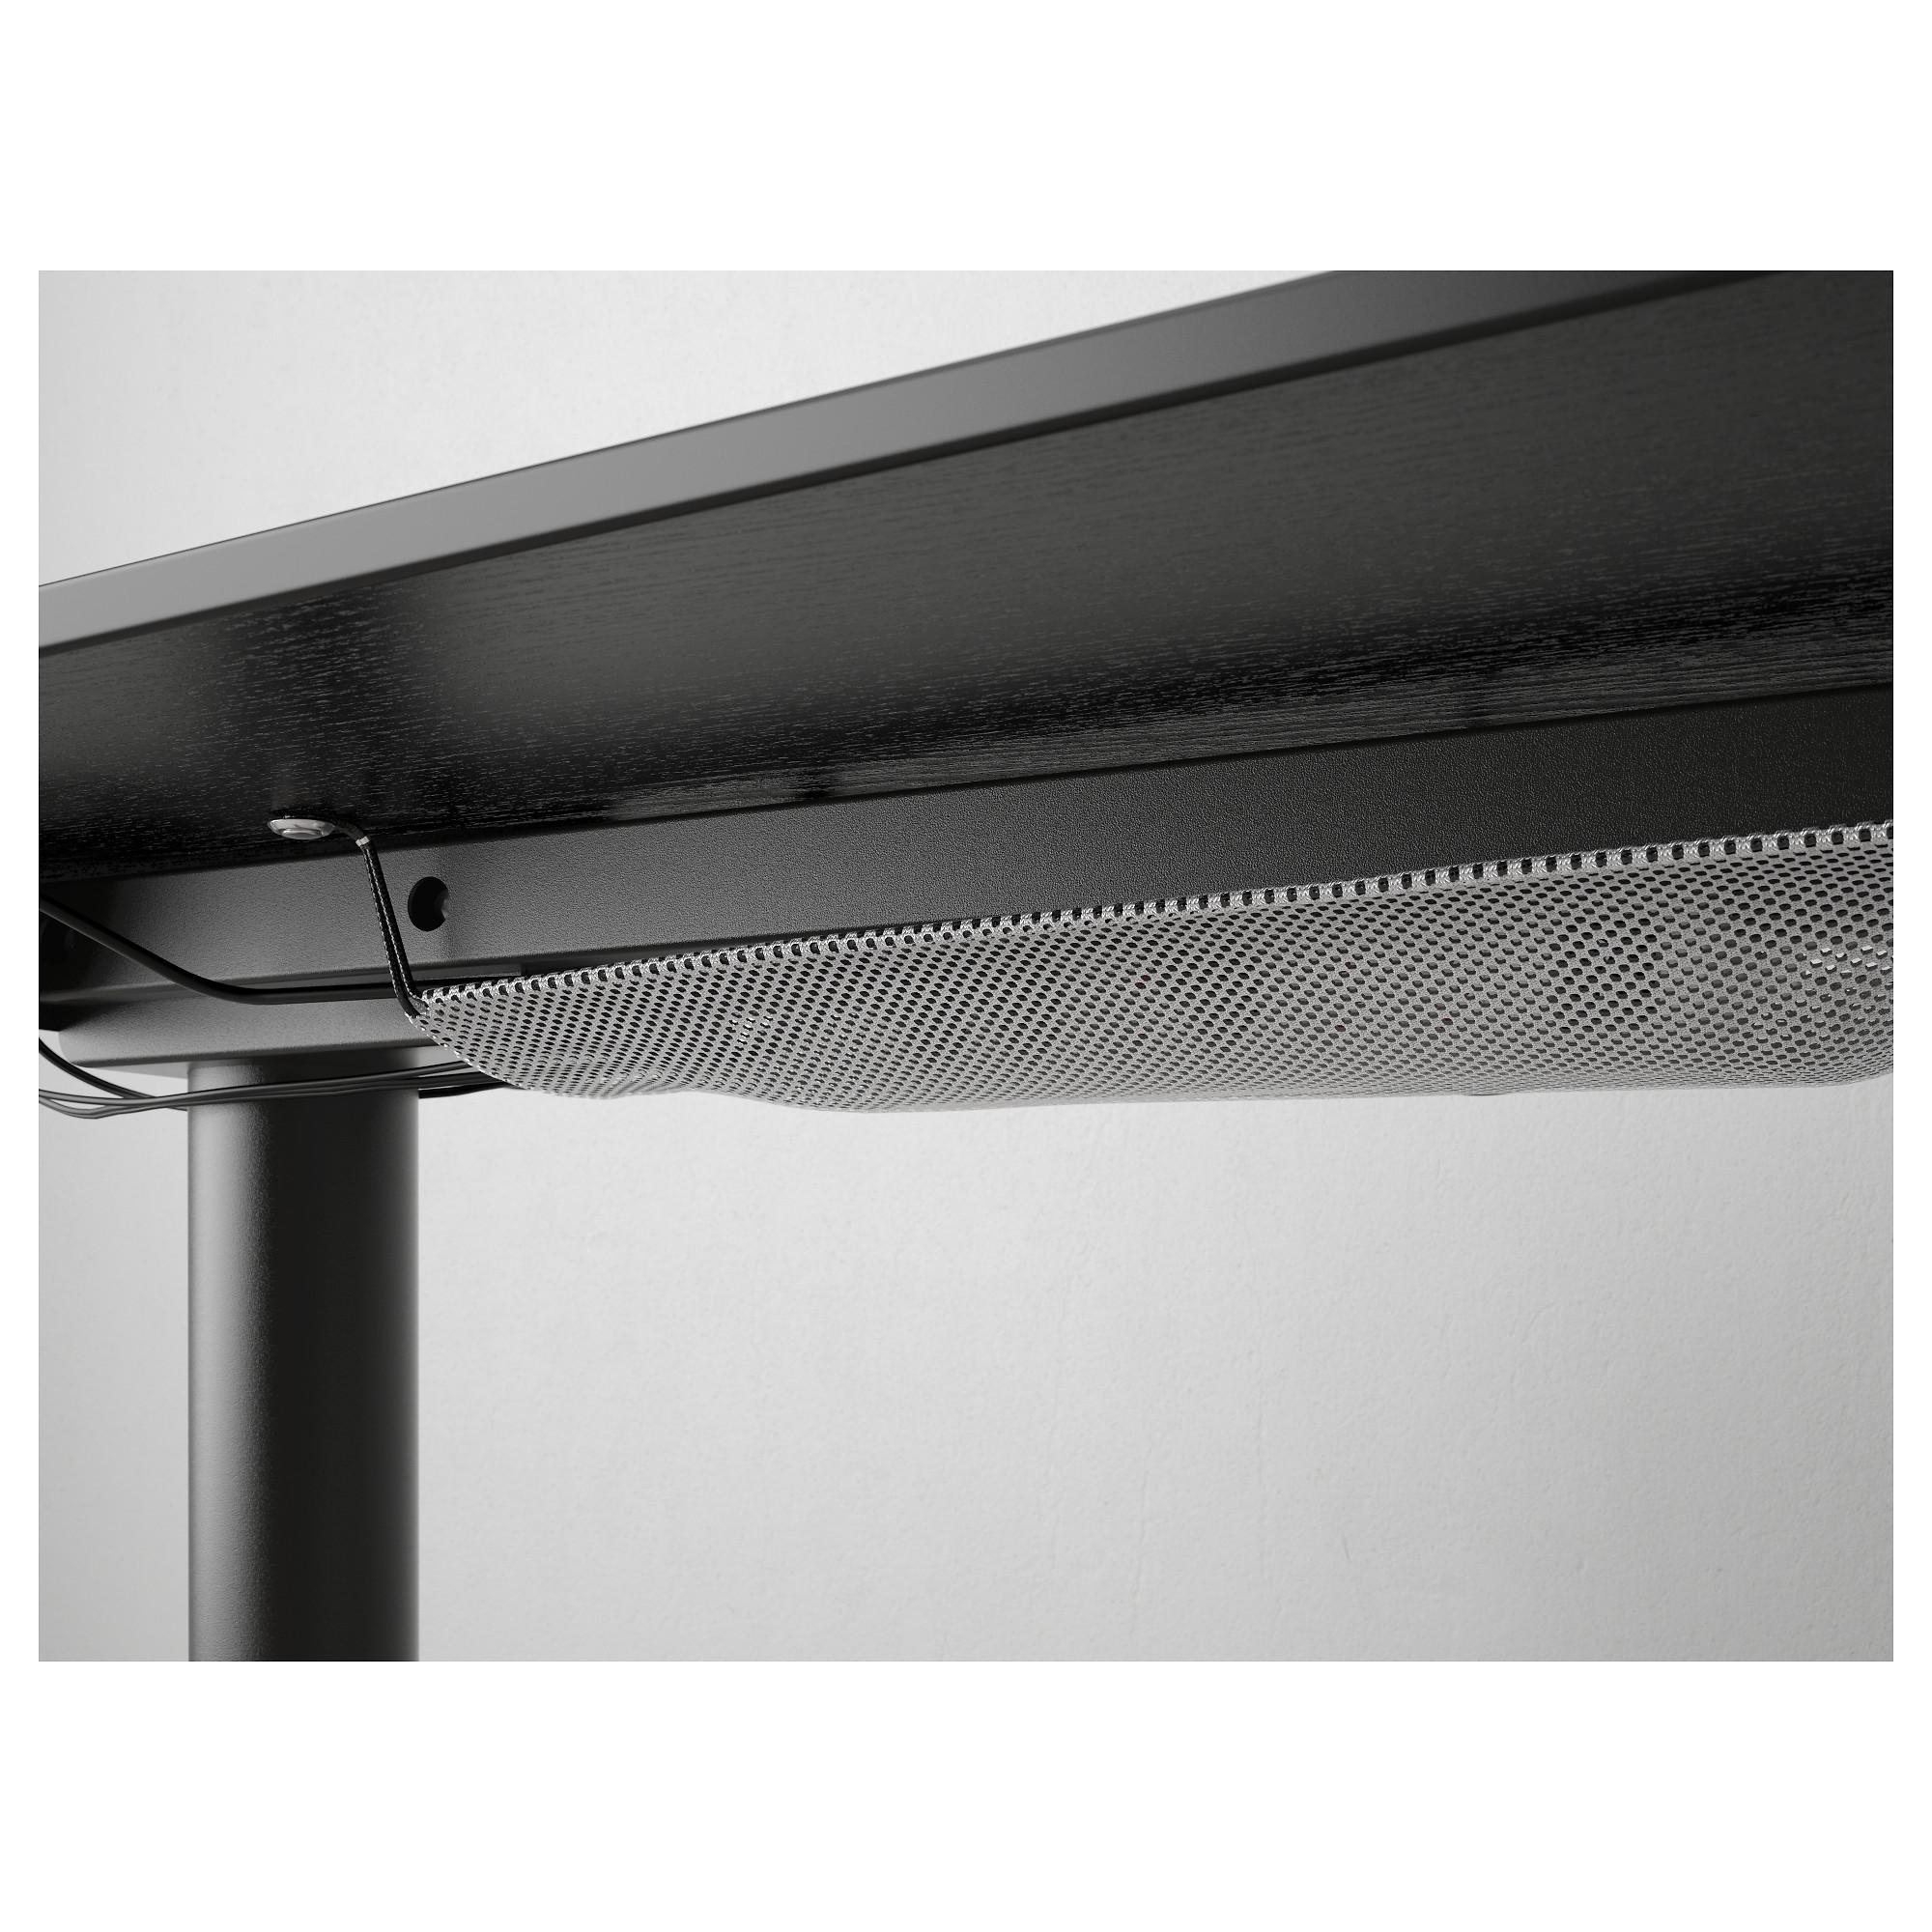 Угловой письменный стол правосторонний, трансформатор БЕКАНТ черный артикуль № 792.786.55 в наличии. Онлайн магазин IKEA Республика Беларусь. Быстрая доставка и монтаж.